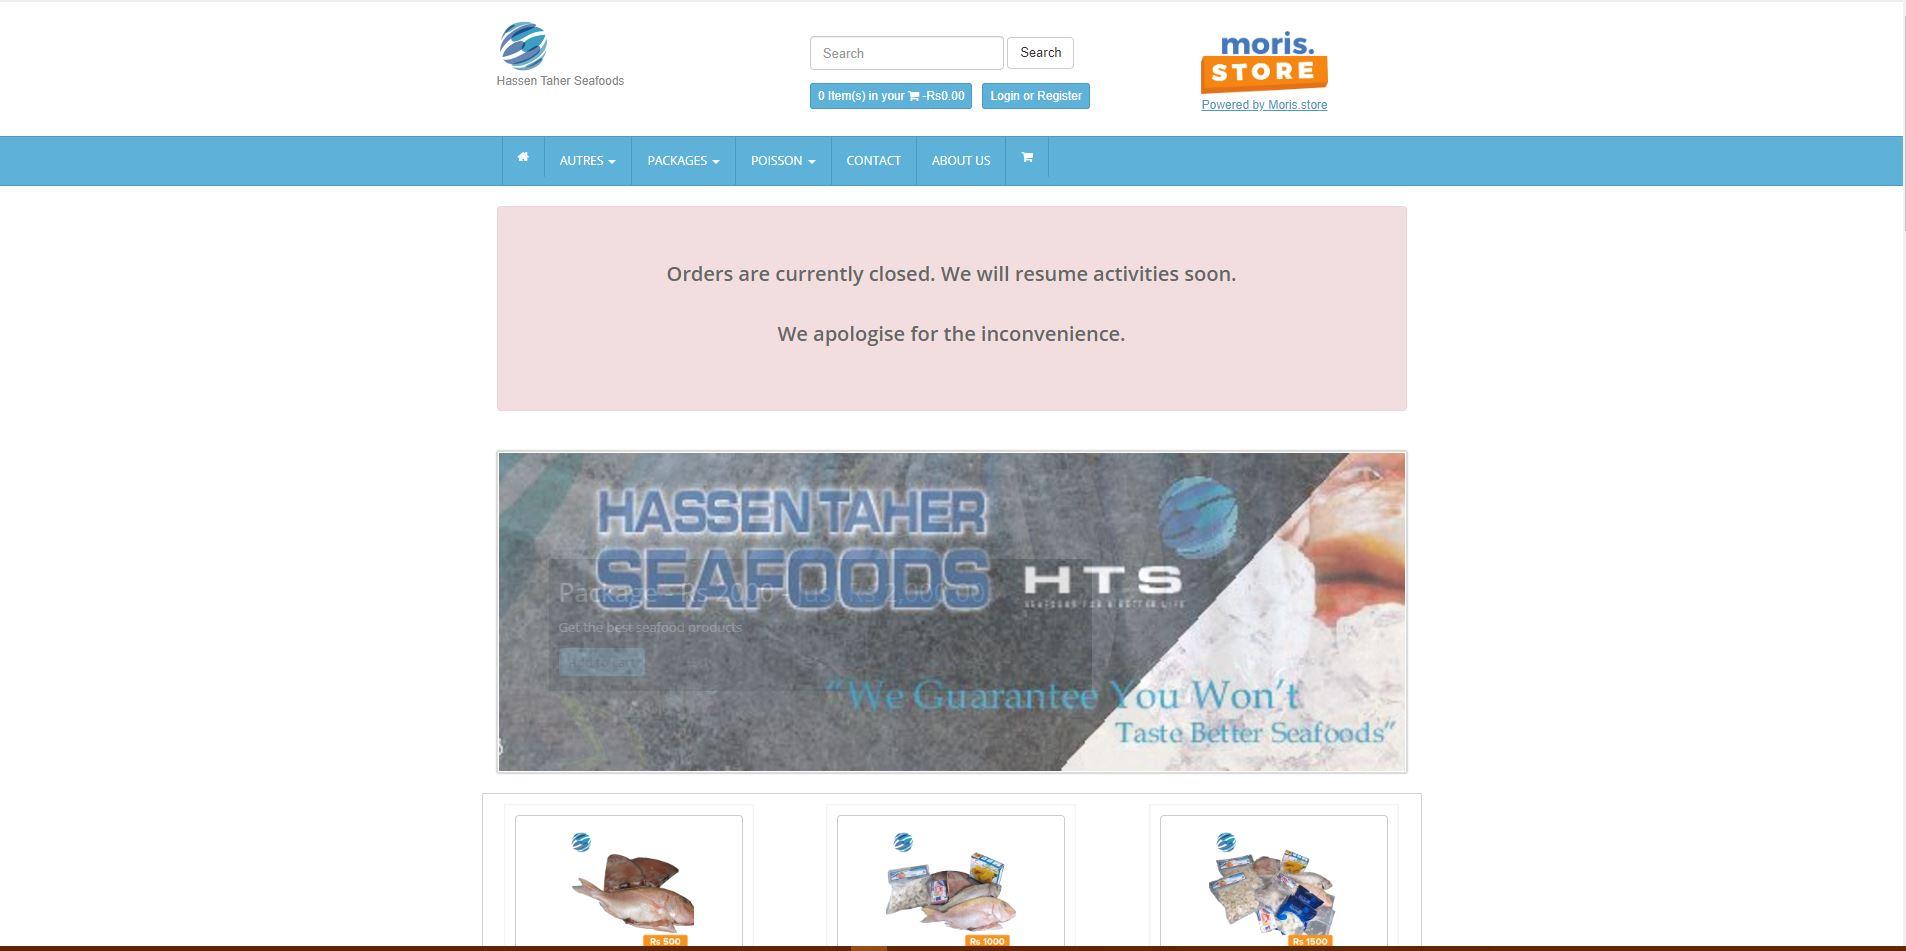 Hassen-Taher-Digita-Marketing-Mauritius-Ecommerce